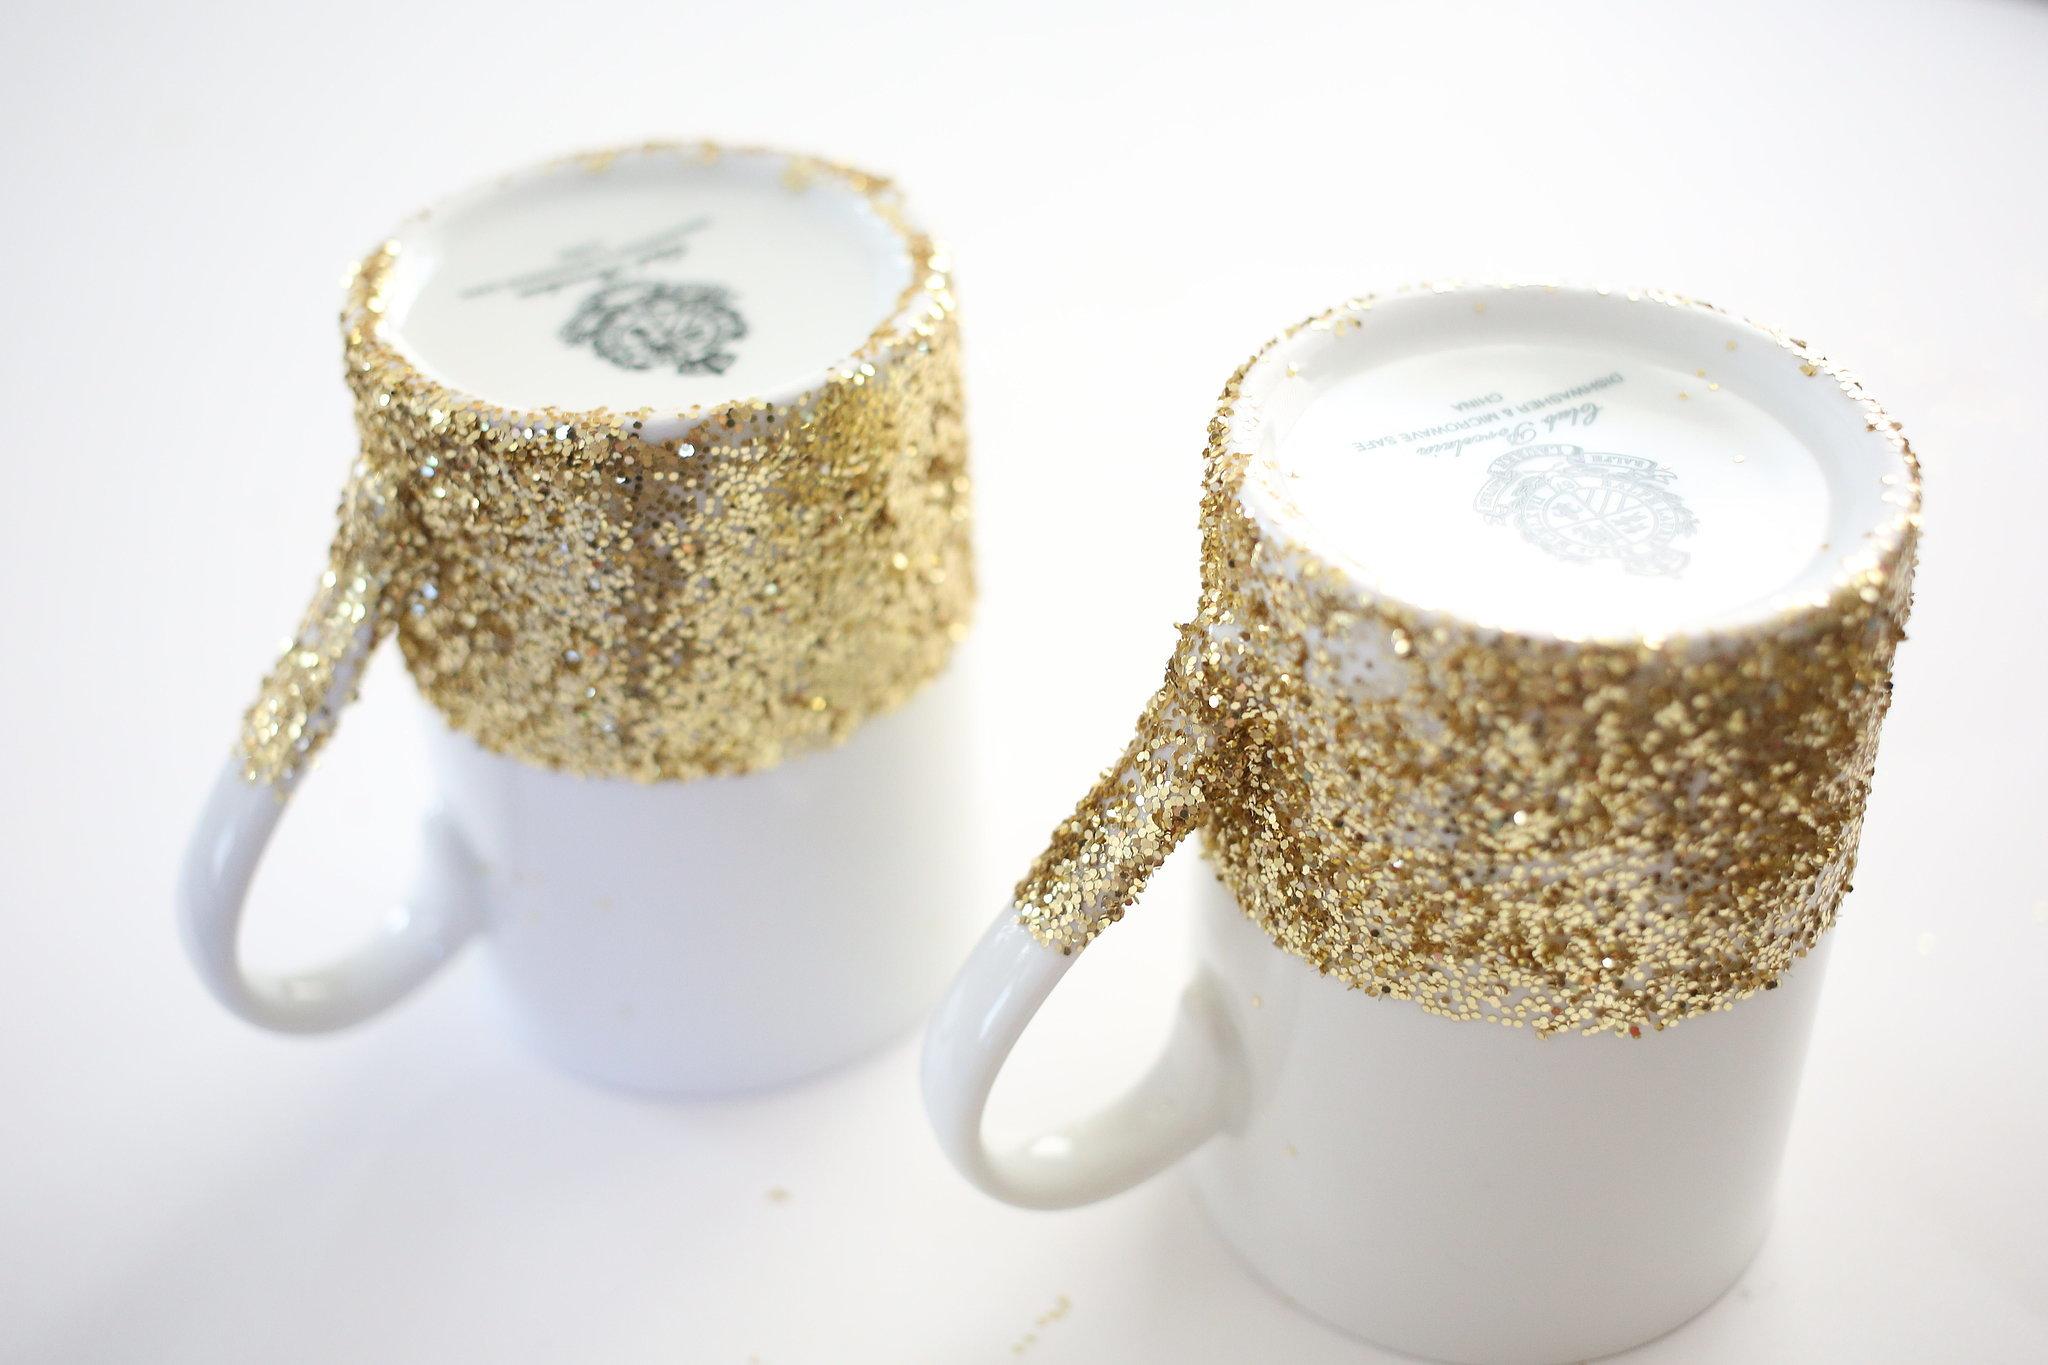 DIY Dishwasher-Safe Glitter-Dipped Mugs POPSUGAR Smart Living